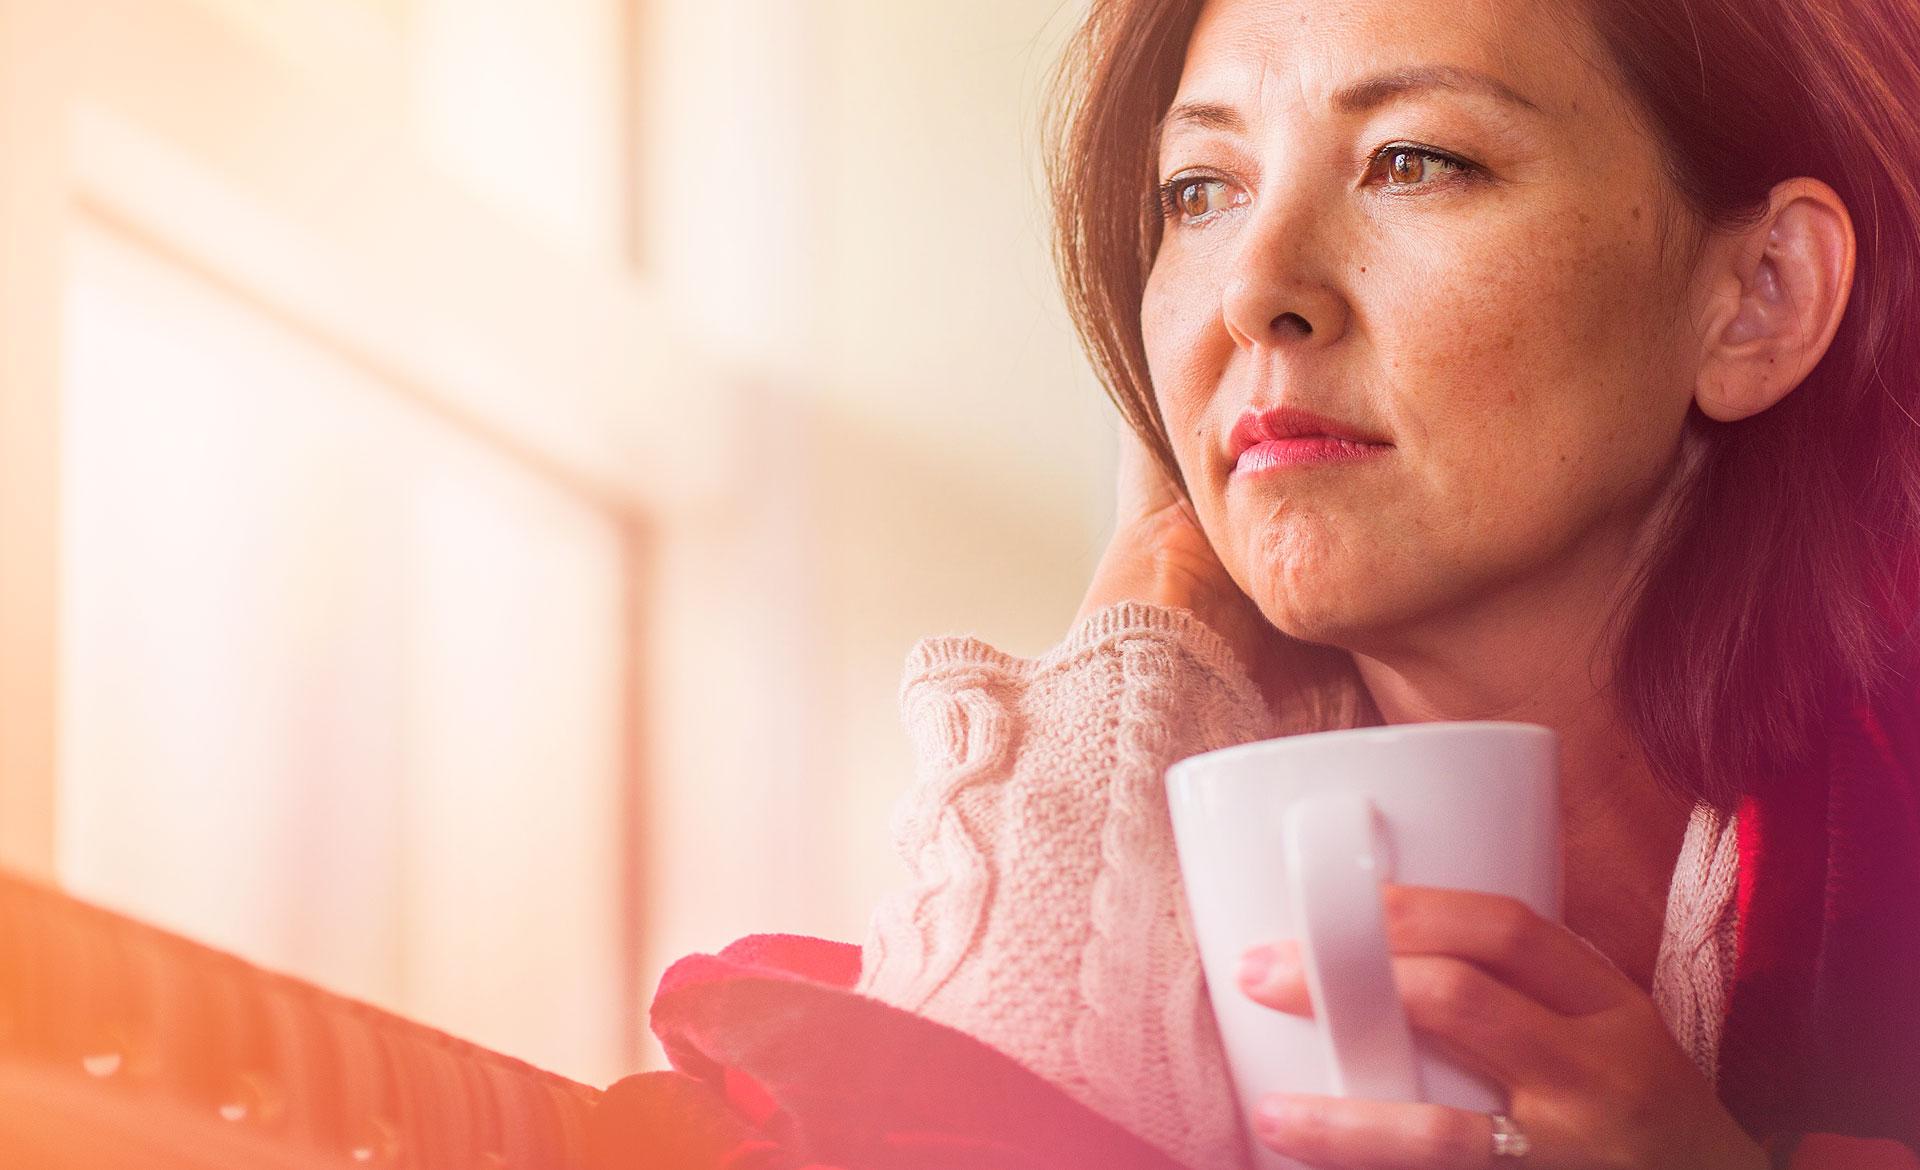 Tenho carcinoma metaplásico de mama, e agora?